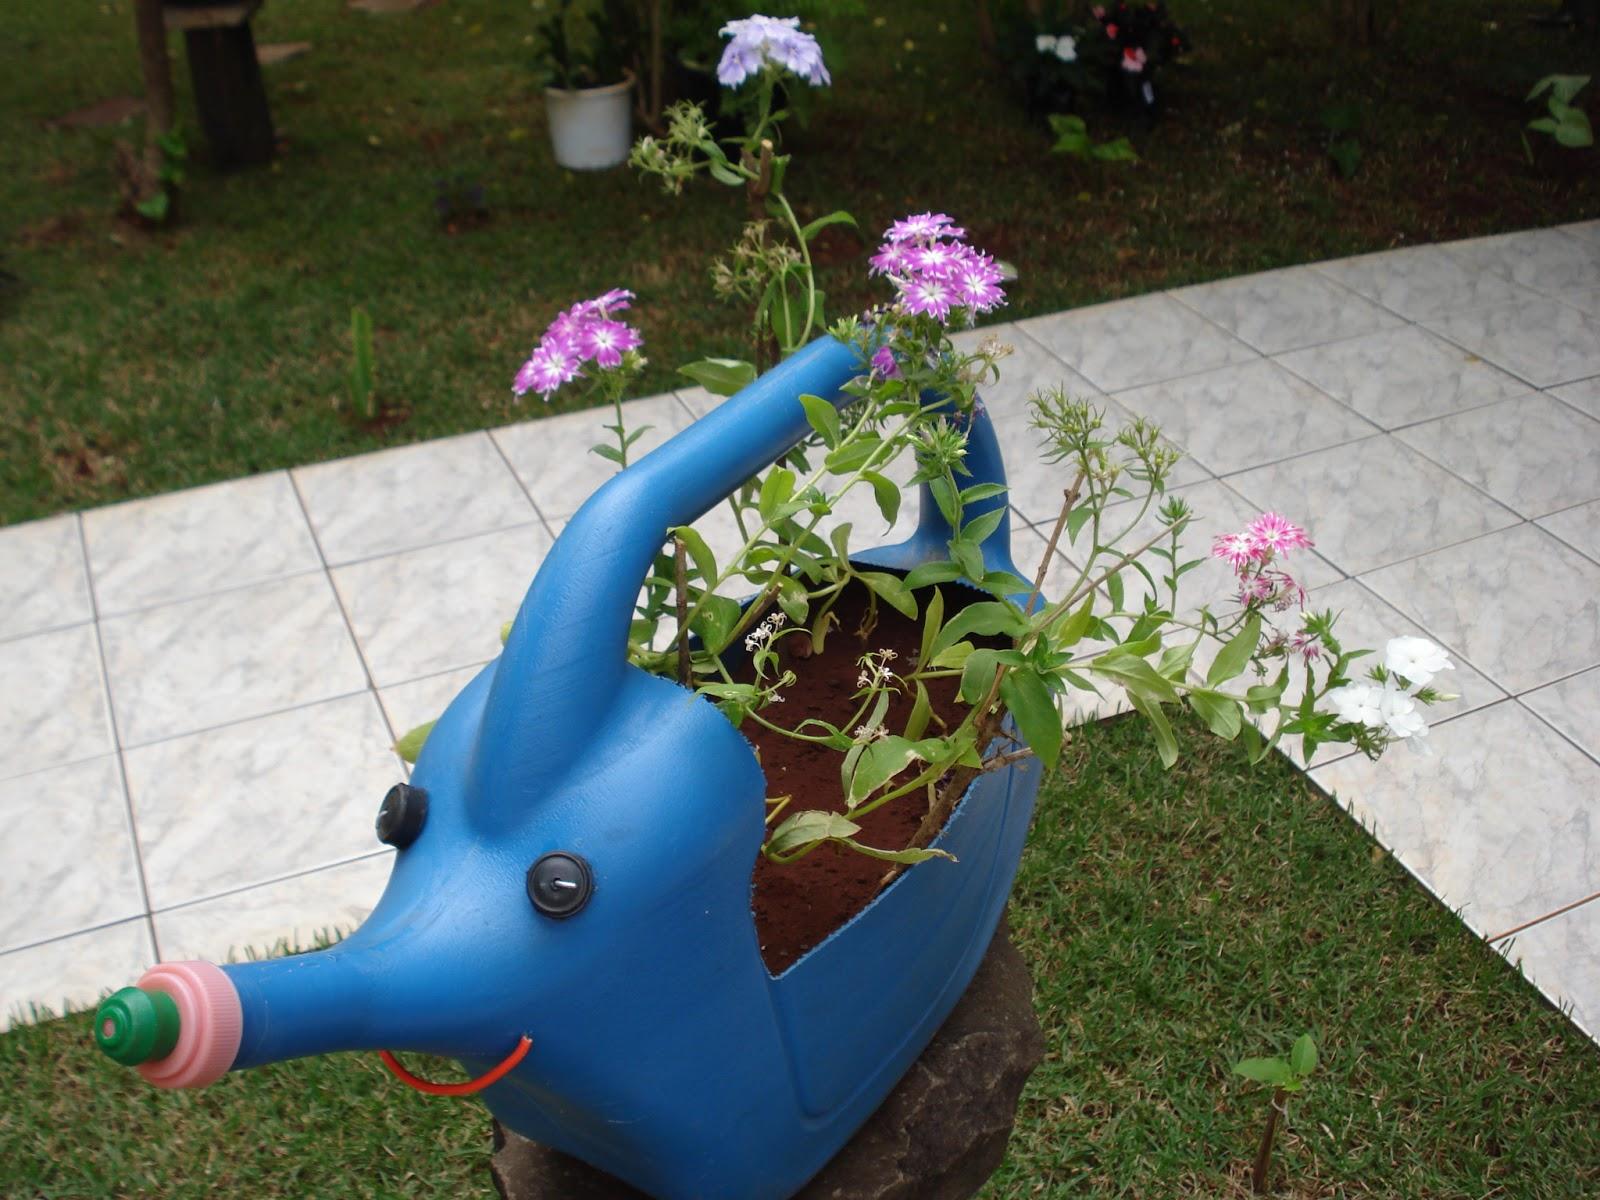 jardins ideias criativas:Do avental ao salto alto: Ideias criativas para seu jardim